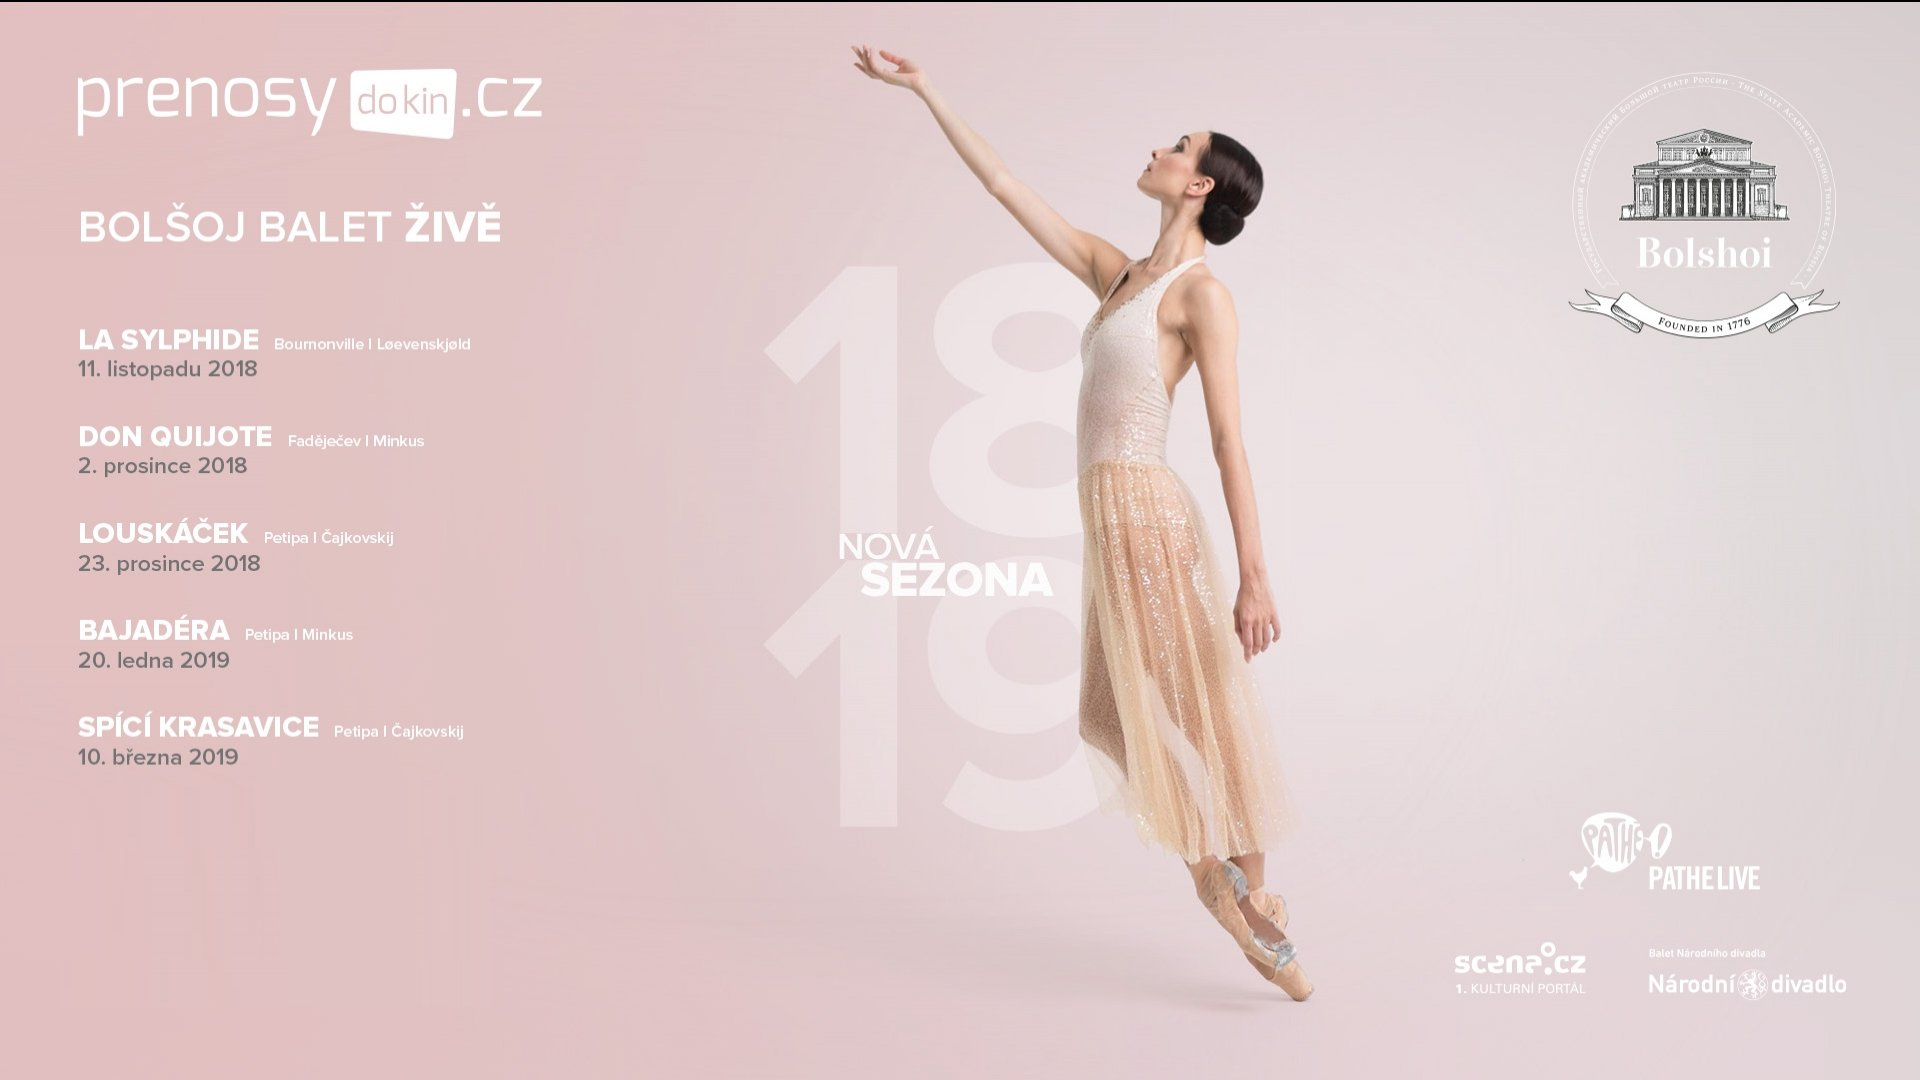 Bolšoj balet 2018/2019 - předplatné